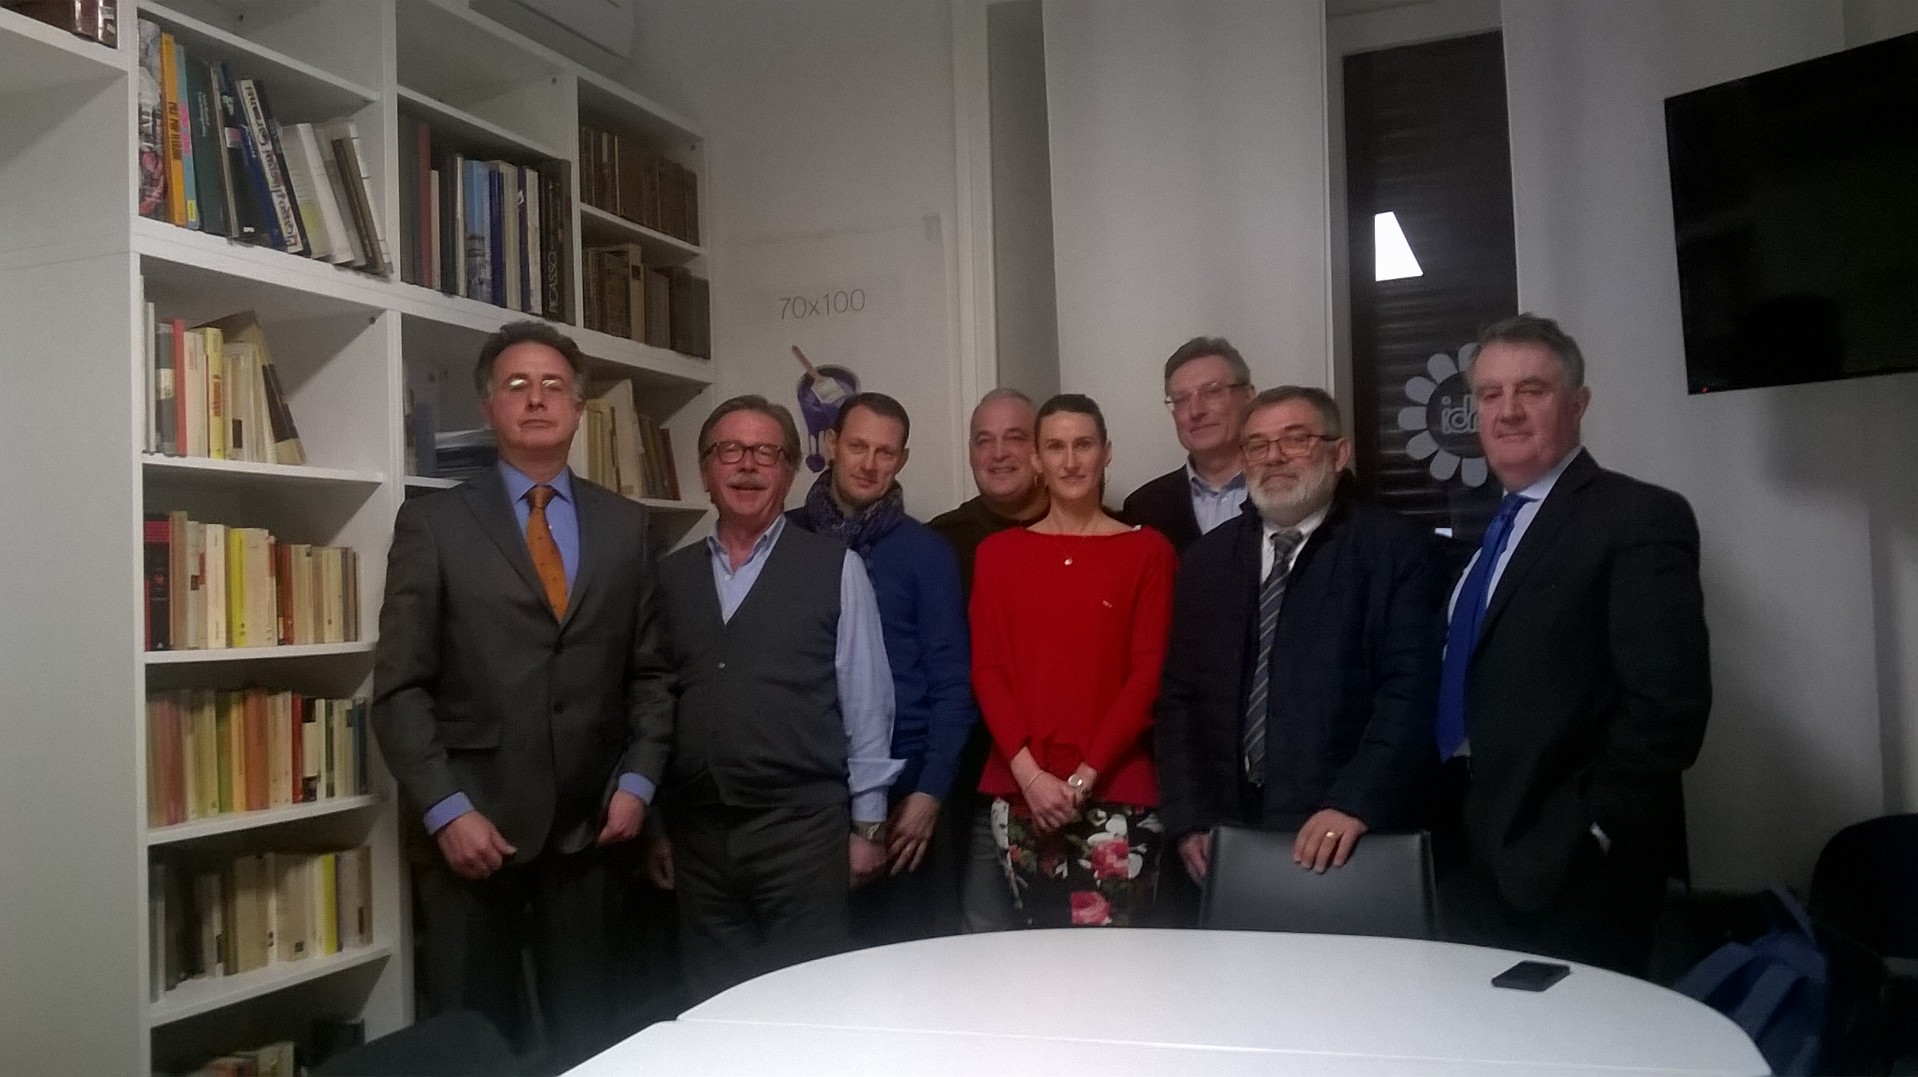 Tra gli altri: Loretto Boggian, Antonio Trotti e Silvia Brambilla